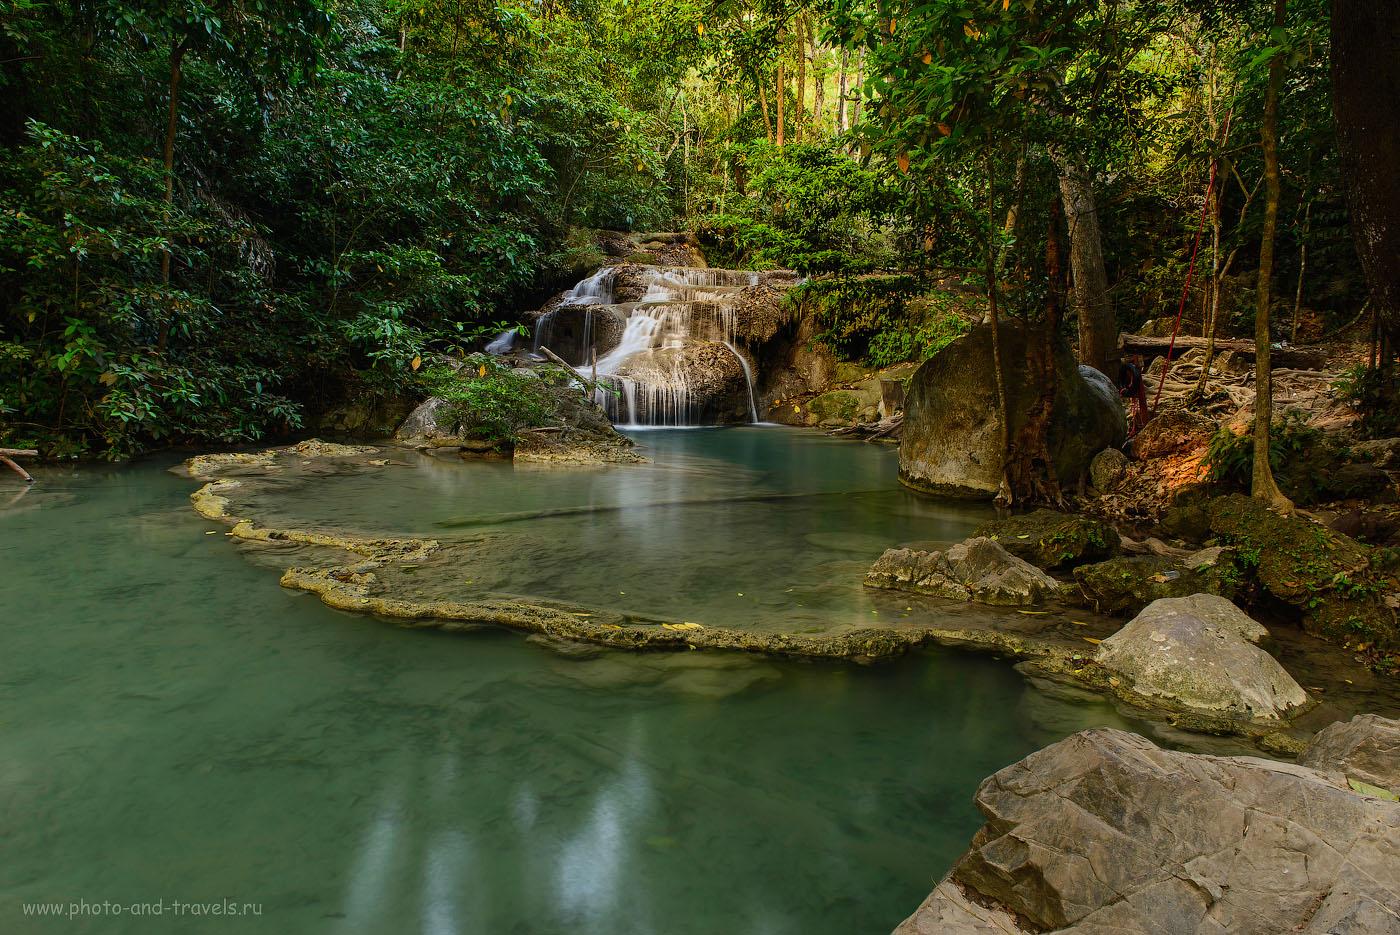 """Фотография 9. Отдых в Таиланде самостоятельно. Поездка в парк Эраван. Если """"солнечному пятну"""" повысить температуру и чуть-чуть экспозицию, оно притягивает взгляд зрителя. (50, 24, f/16.0, 5.0)"""